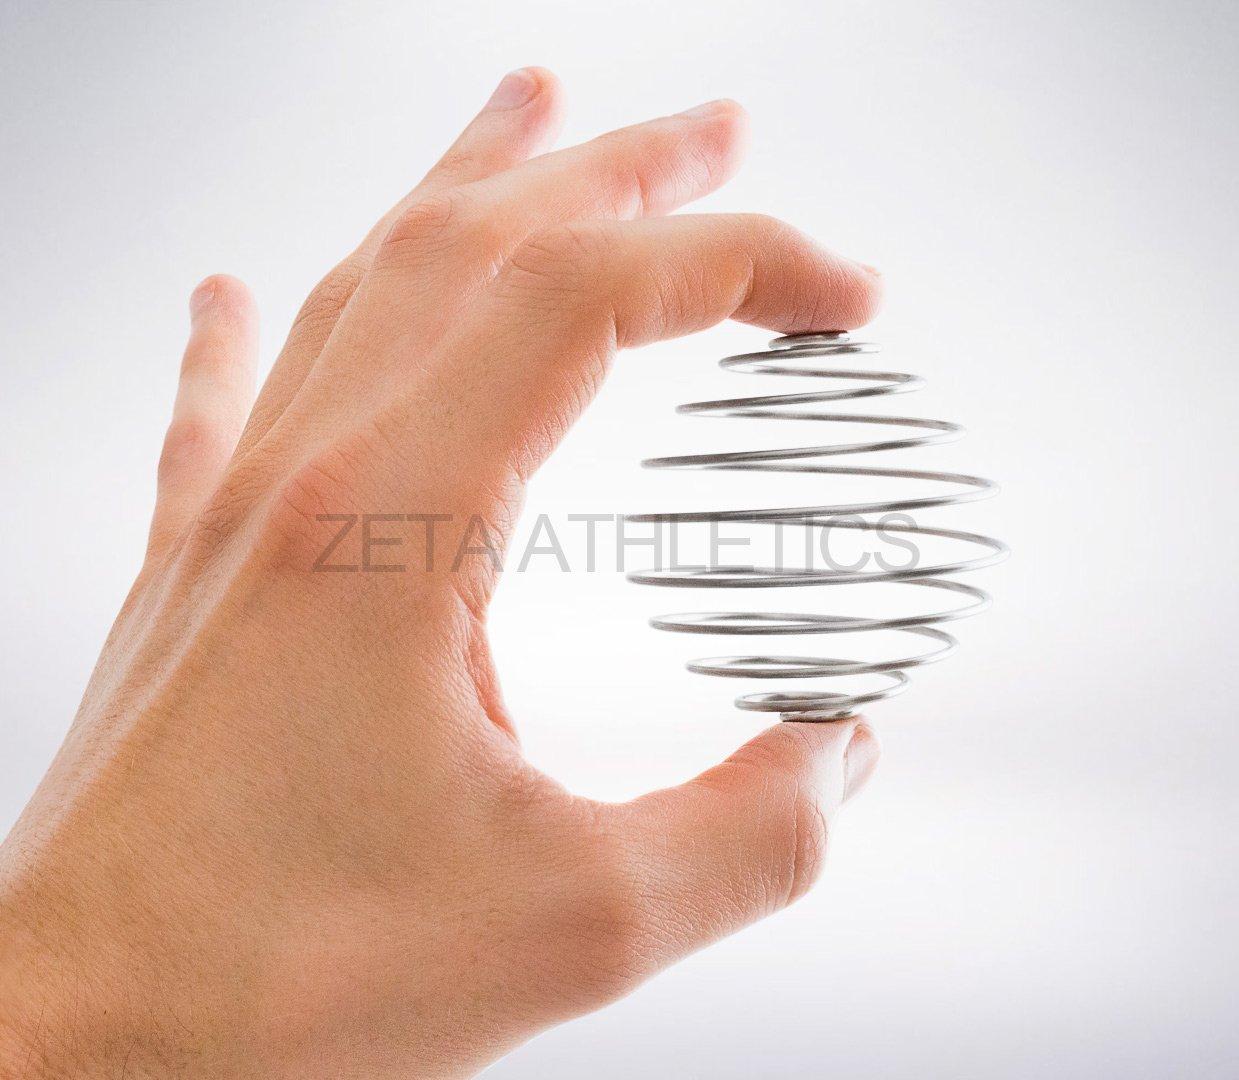 Zeta Athletics - Bola mezcladora de Mezcla, de Acero Inoxidable: Amazon.es: Deportes y aire libre